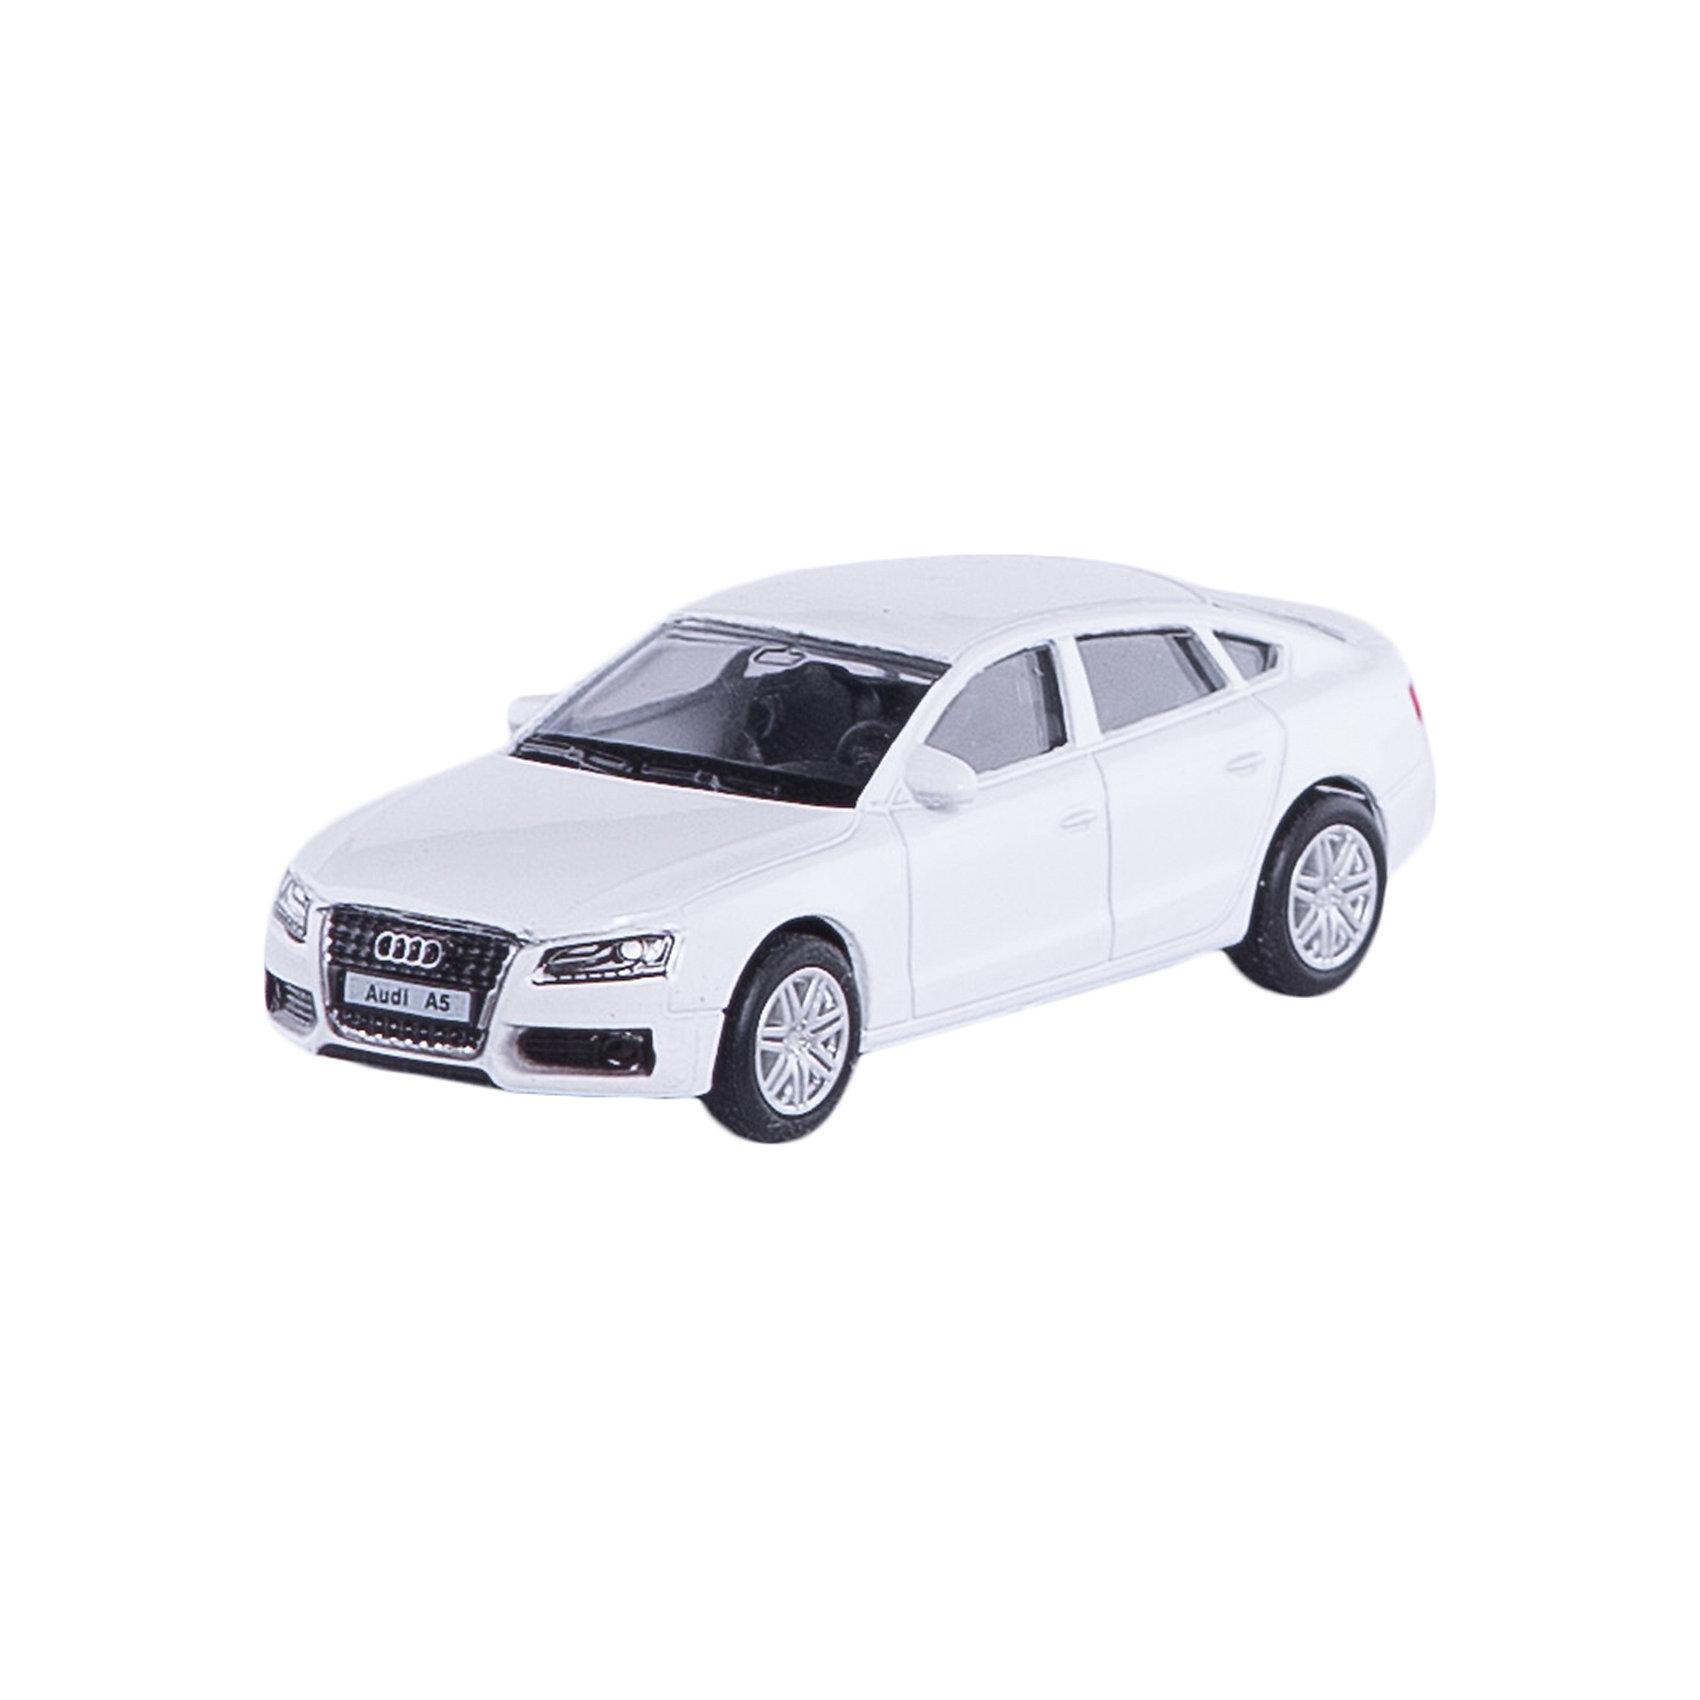 Машина AUDI A5 SPORTBACK 3Машинки<br>Машина AUDI A5 SPORTBACК 3 выполнена в масштабе 1:60, имеет подвижные колеса, очень похожа на настоящий автомобиль. Игрушка изготовлена из высококачественных прочных материалов, имеет подвижные колеса и высокую детализацию. Прекрасный подарок для юных автолюбителей! <br><br>Дополнительная информация:<br><br>- Материал: пластик, металл.<br>- Масштаб: 1:60.<br>- Колеса подвижные.<br>- Размер упаковки: 10х4х4 см.<br><br>Машину AUDI A5 SPORTBACK 3 можно купить в нашем магазине.<br><br>Ширина мм: 90<br>Глубина мм: 42<br>Высота мм: 40<br>Вес г: 49<br>Возраст от месяцев: 36<br>Возраст до месяцев: 84<br>Пол: Мужской<br>Возраст: Детский<br>SKU: 4515356